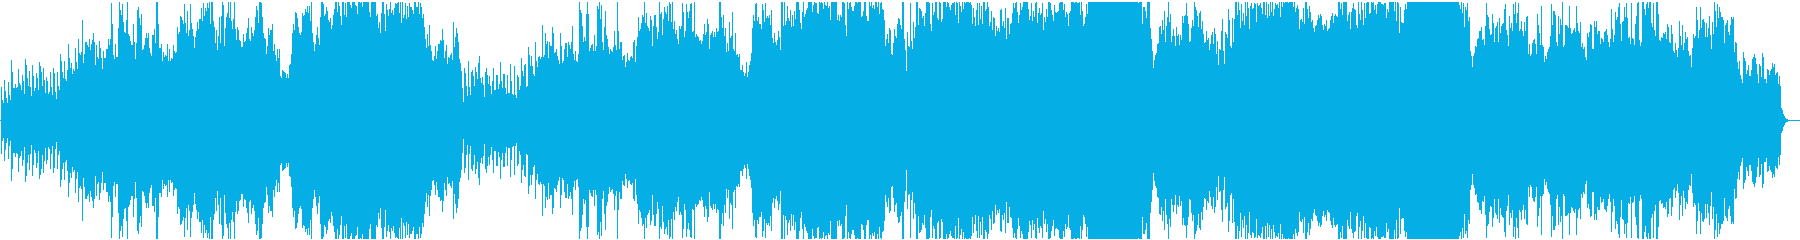 ラフマニノフのヴォカリーズの再生済みの波形